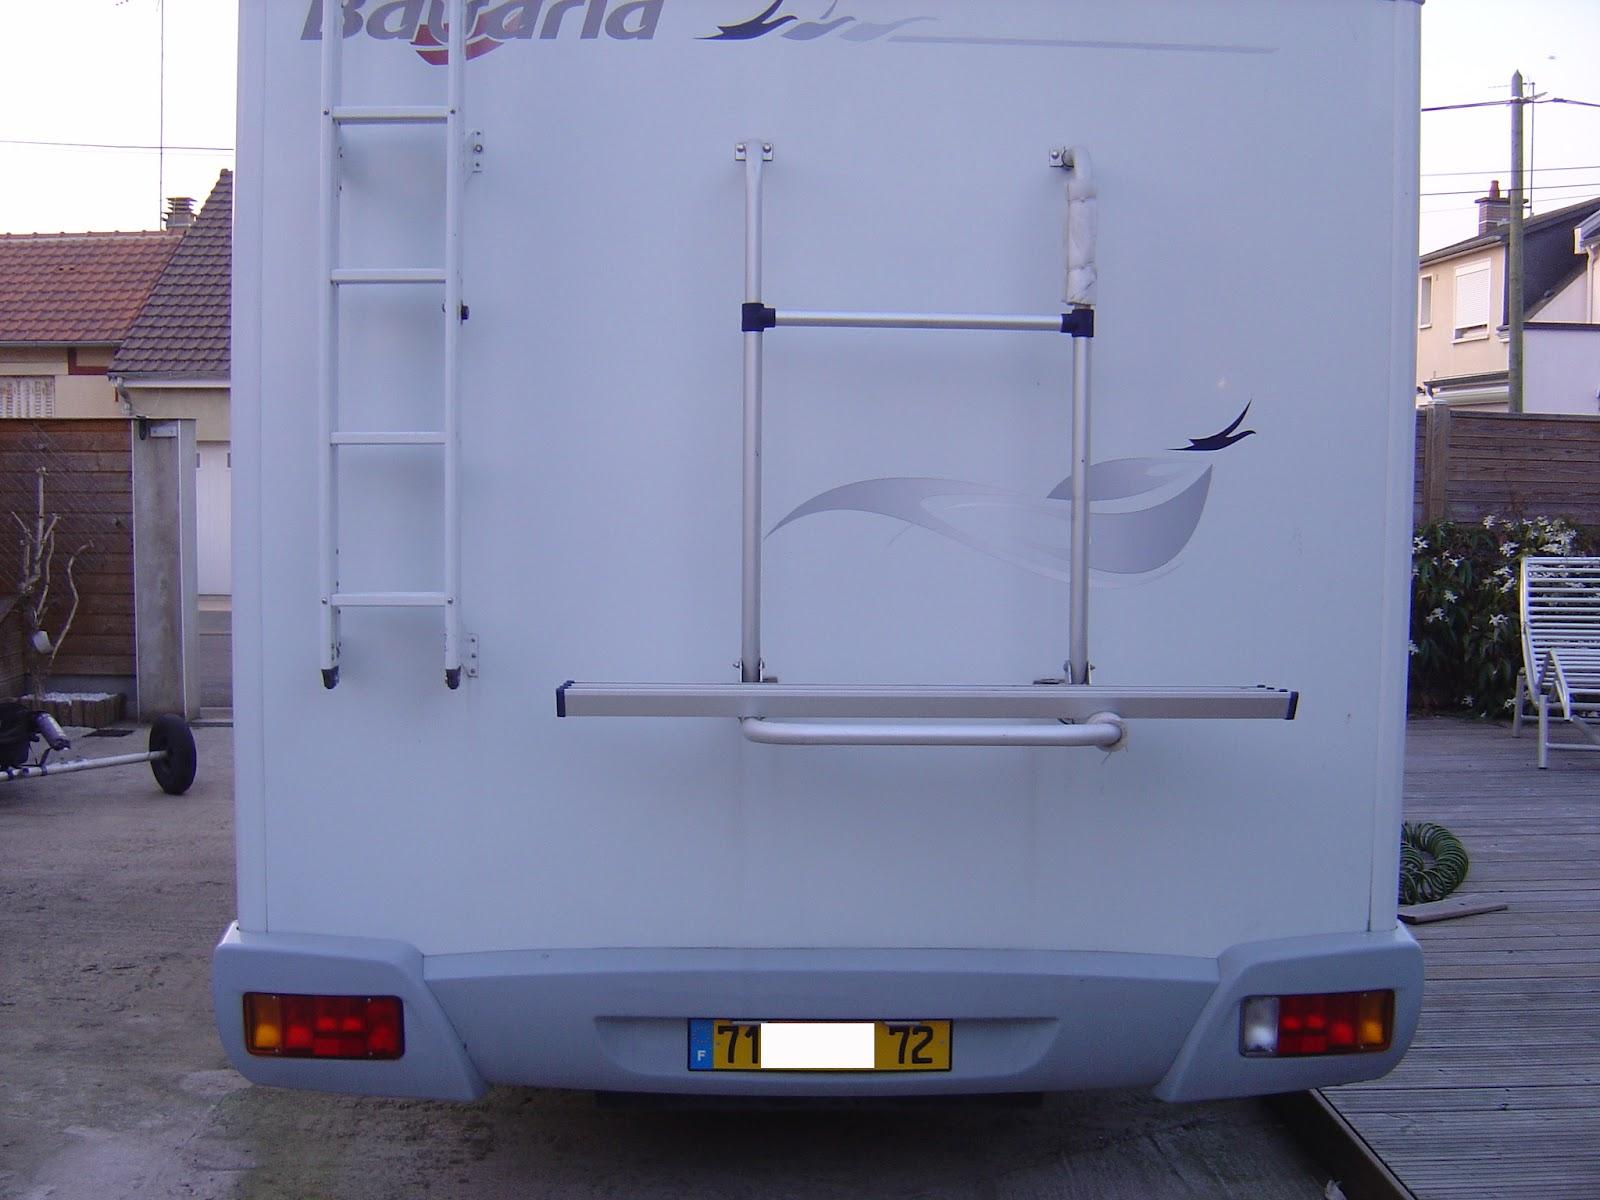 Camping car Bavaria R69